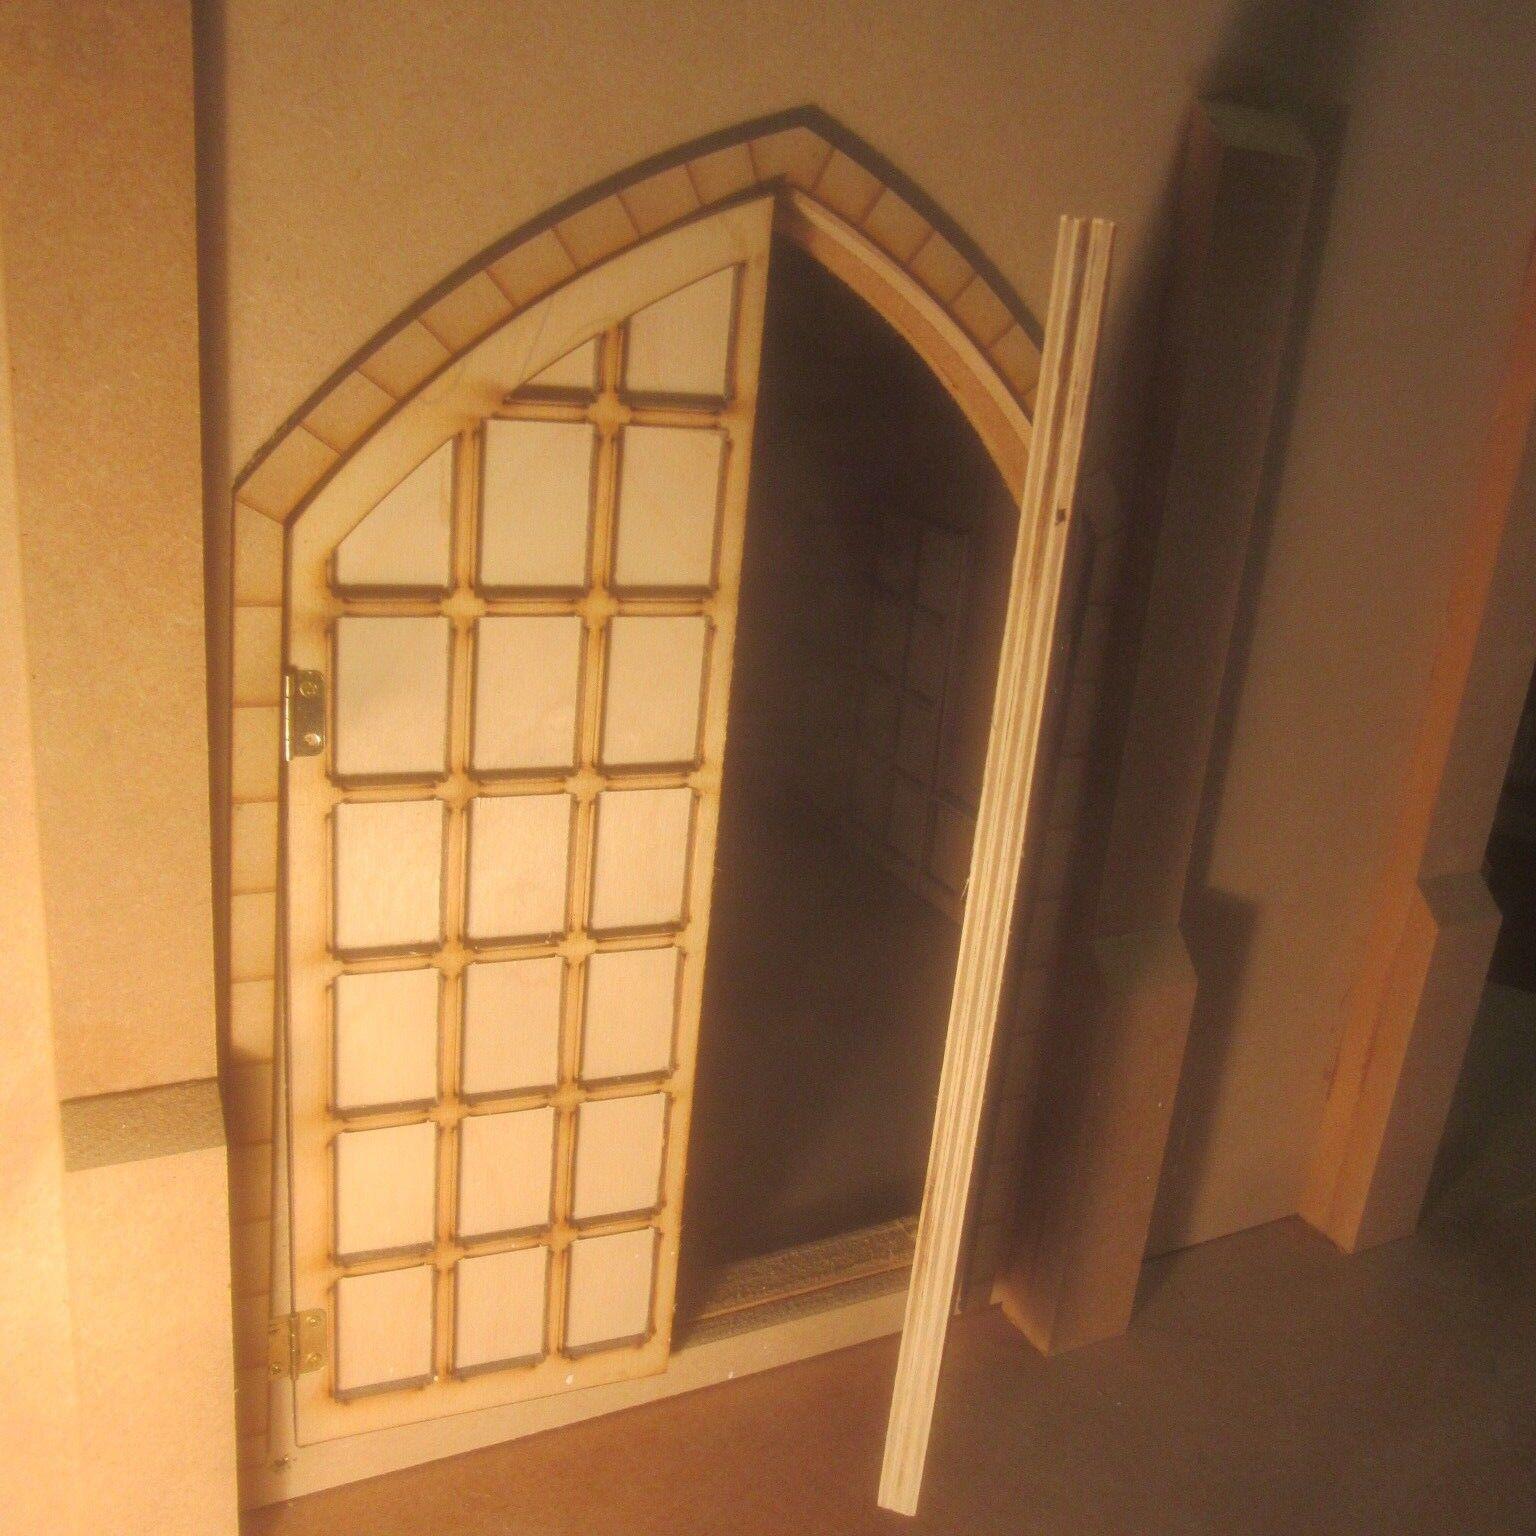 1/12 Échelle Maison Maison Maison de Poupées Le Grand Hall inspiré par Harry Potter Dhd d12054